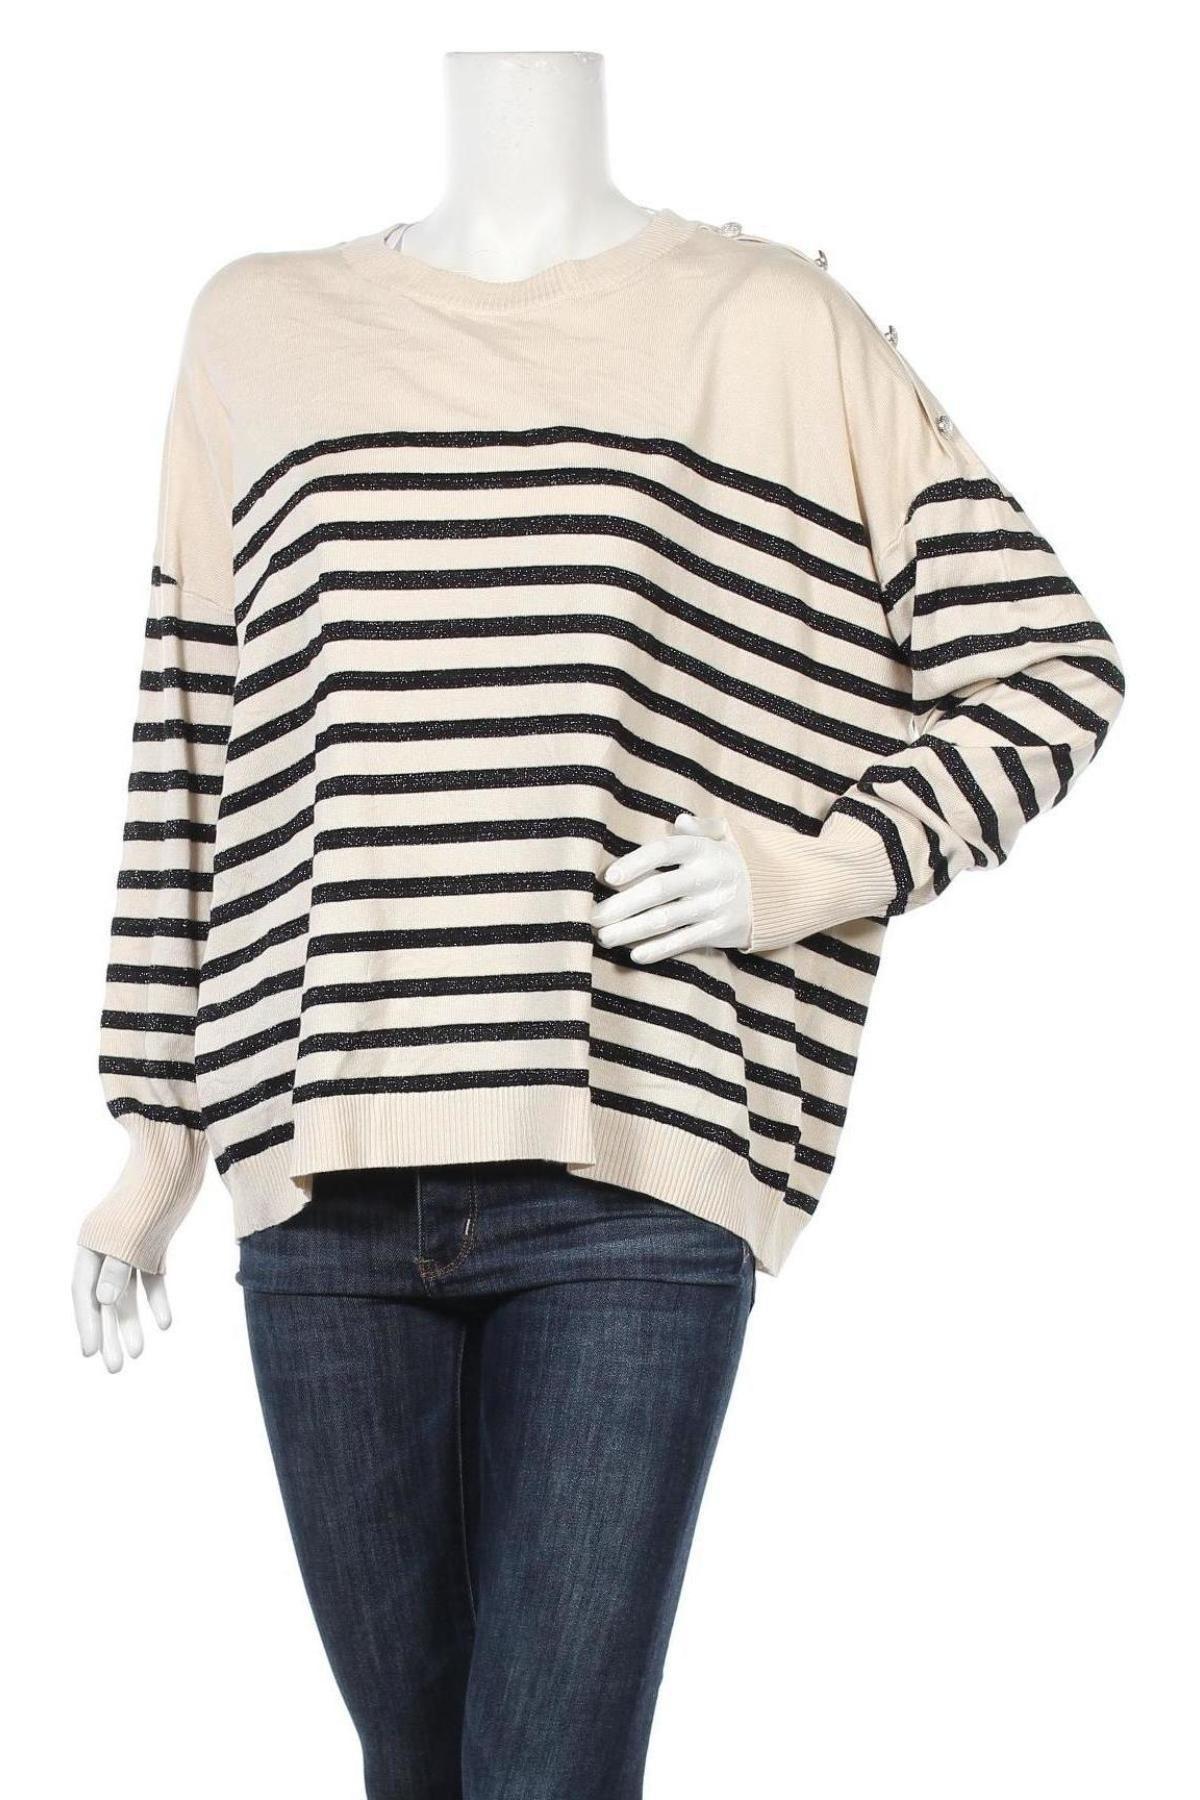 Γυναικείο πουλόβερ Vero Moda, Μέγεθος M, Χρώμα  Μπέζ, 80% βισκόζη, 20% πολυαμίδη, Τιμή 22,81€